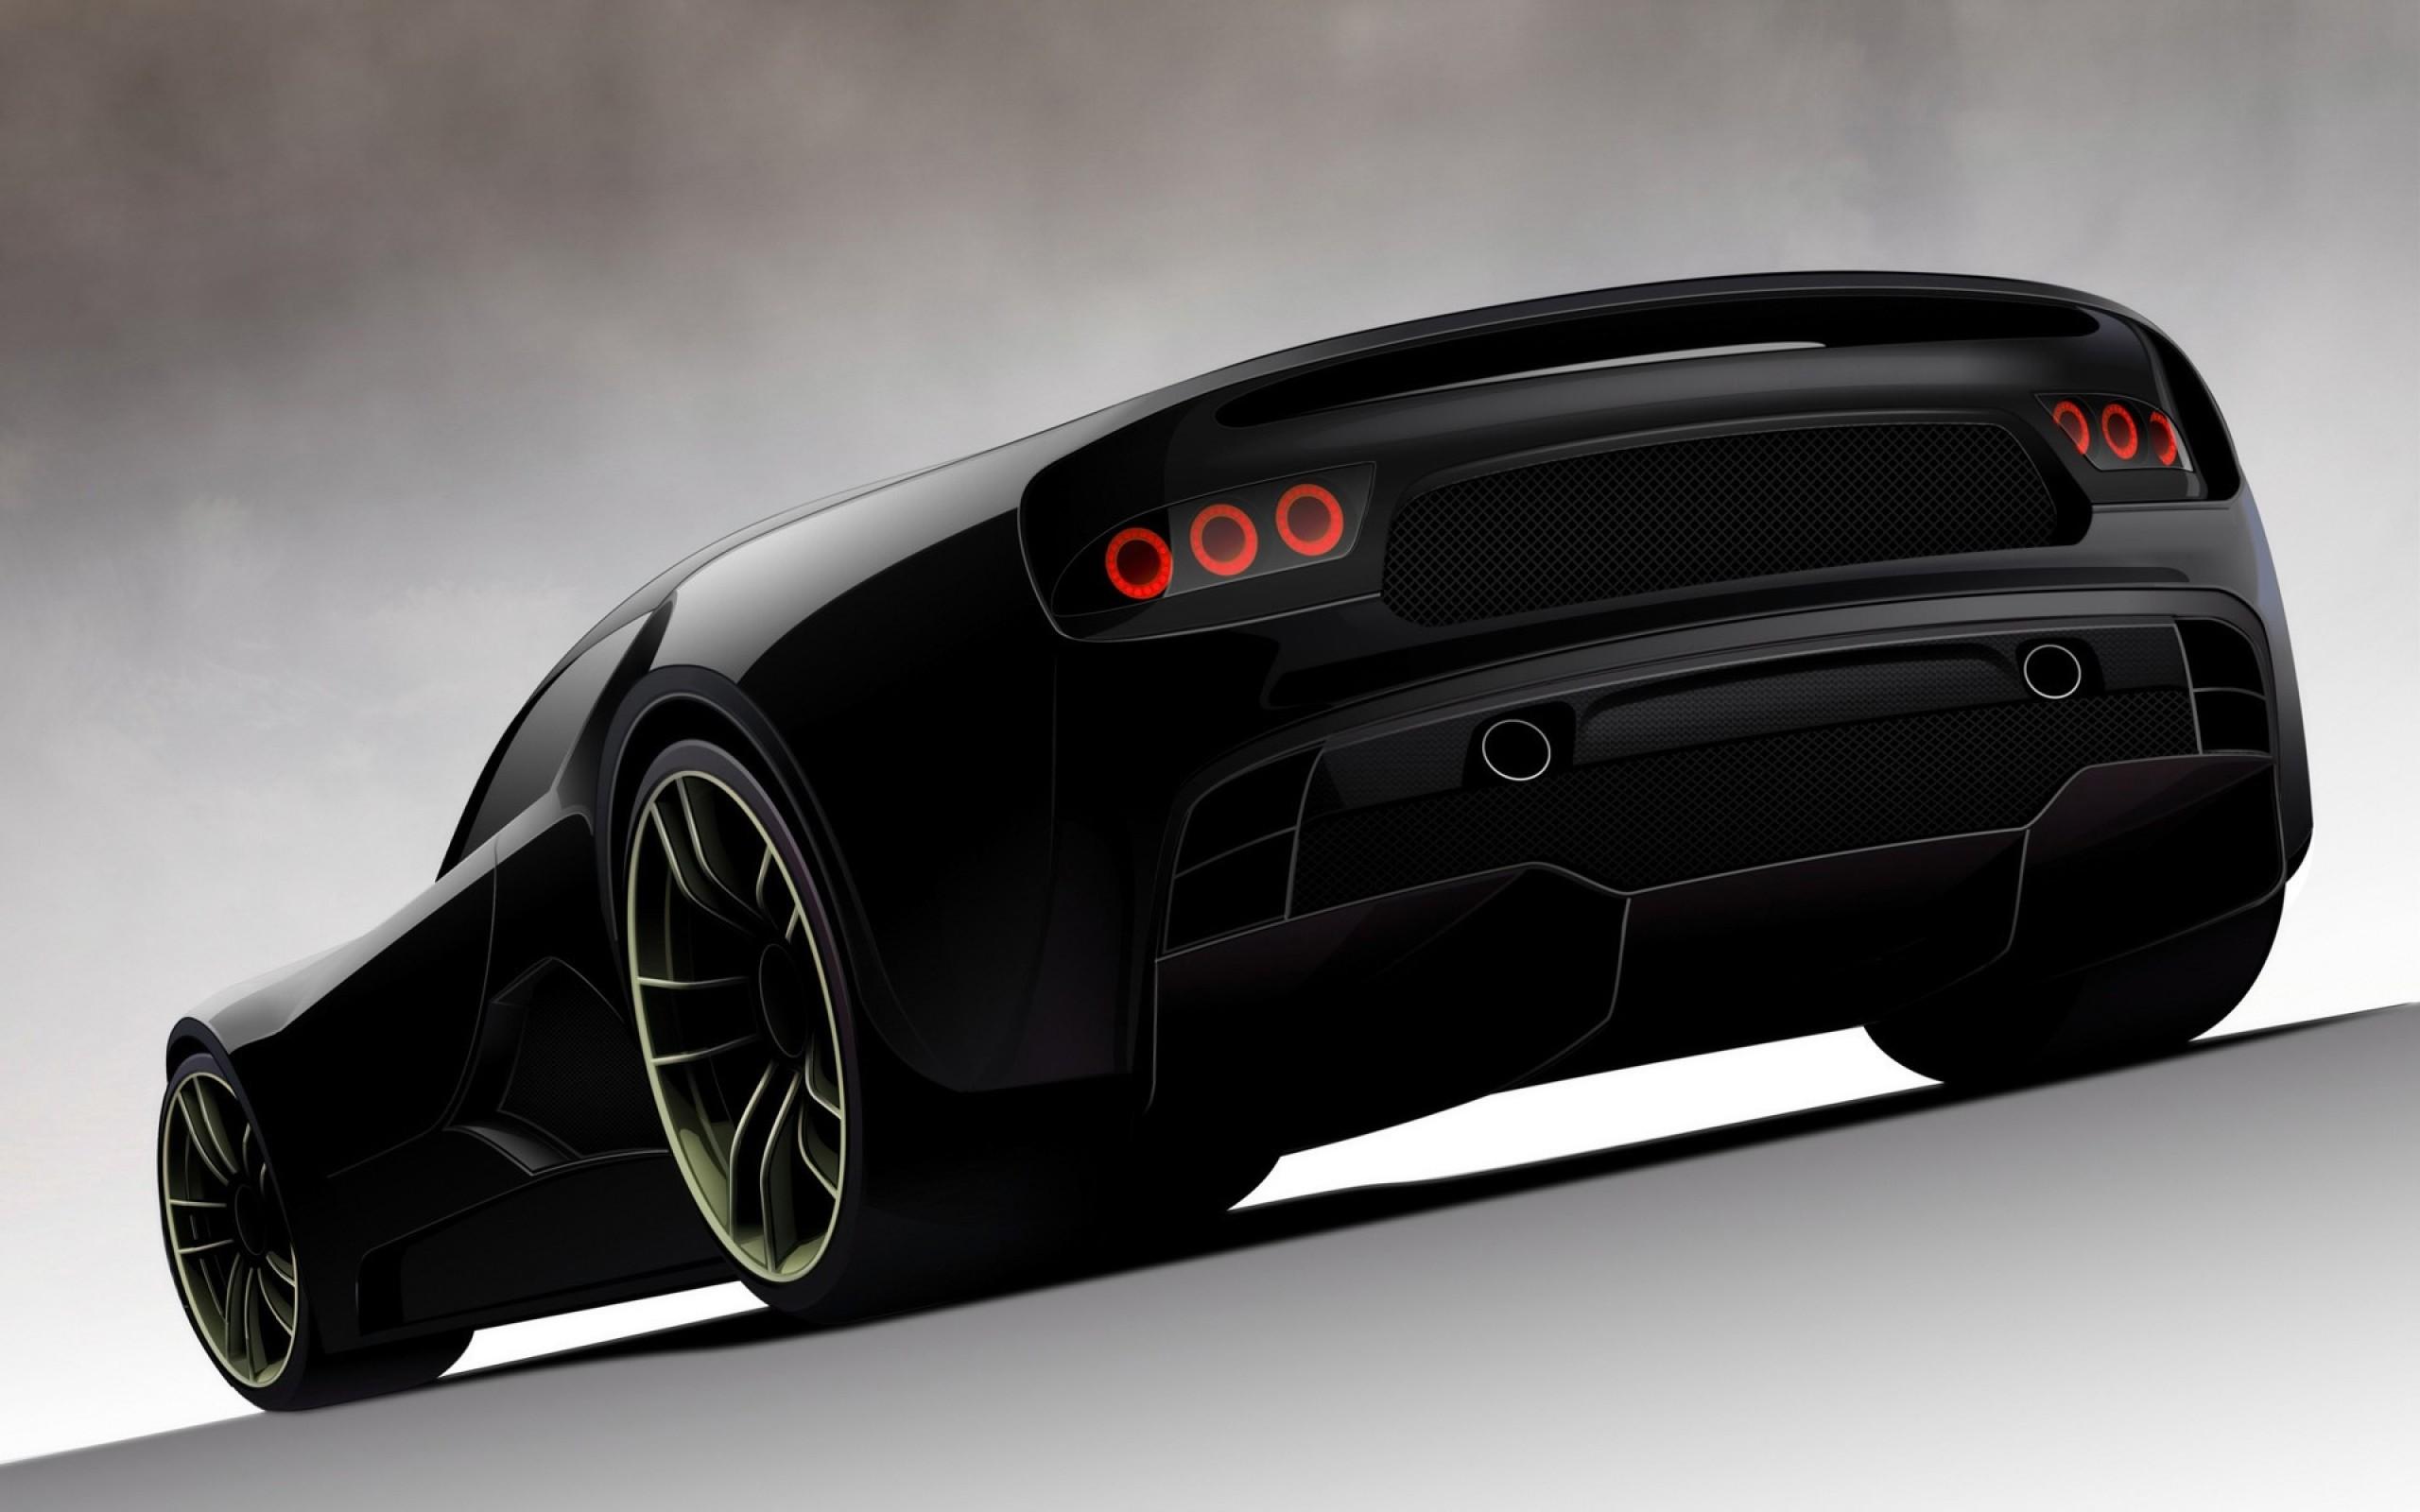 Nuevo concept de auto - 2560x1600